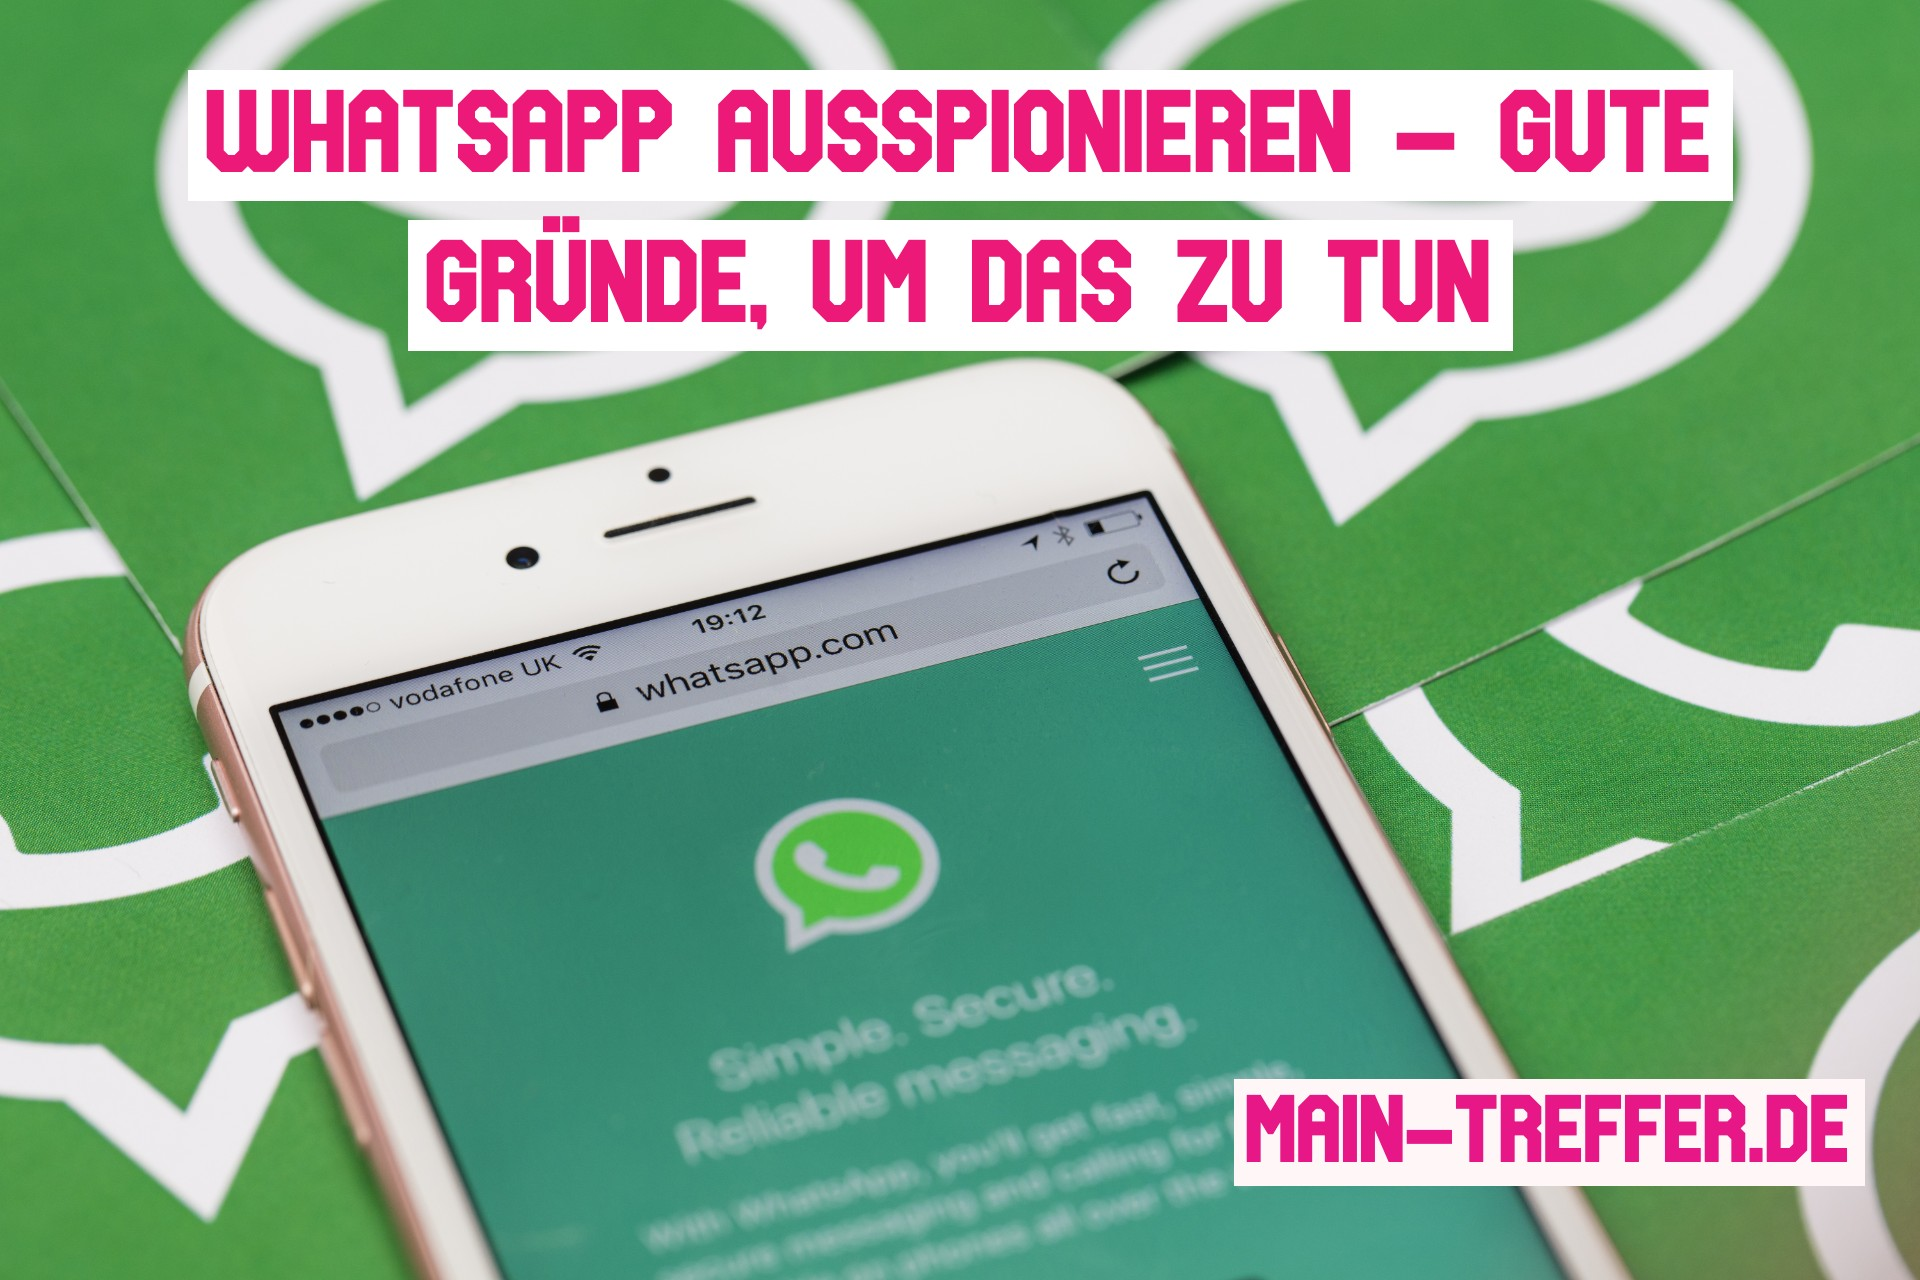 WhatsApp ausspionieren